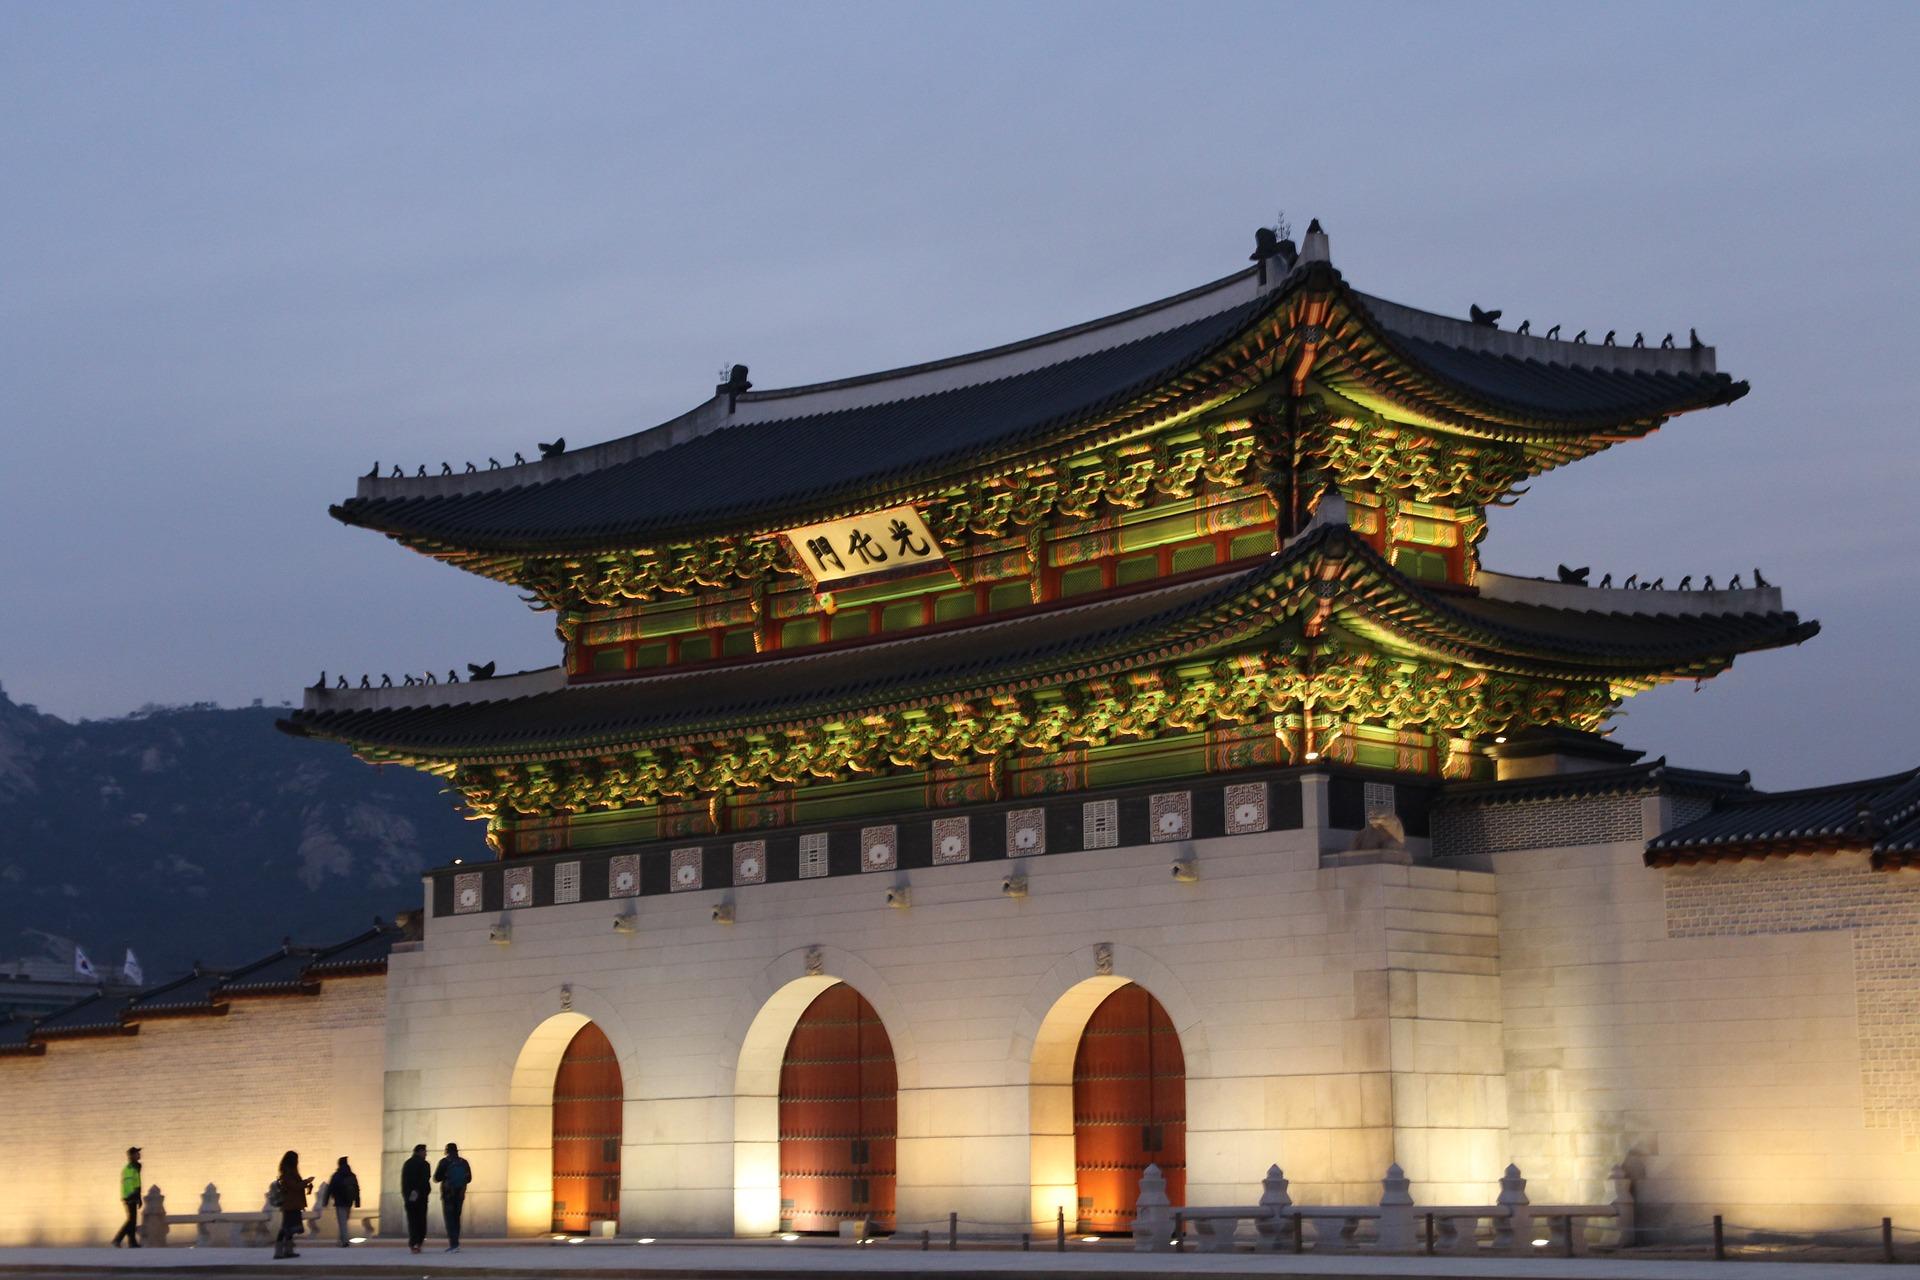 http://aktsa.org/img_2019/images/korea-1095361_1920.jpg